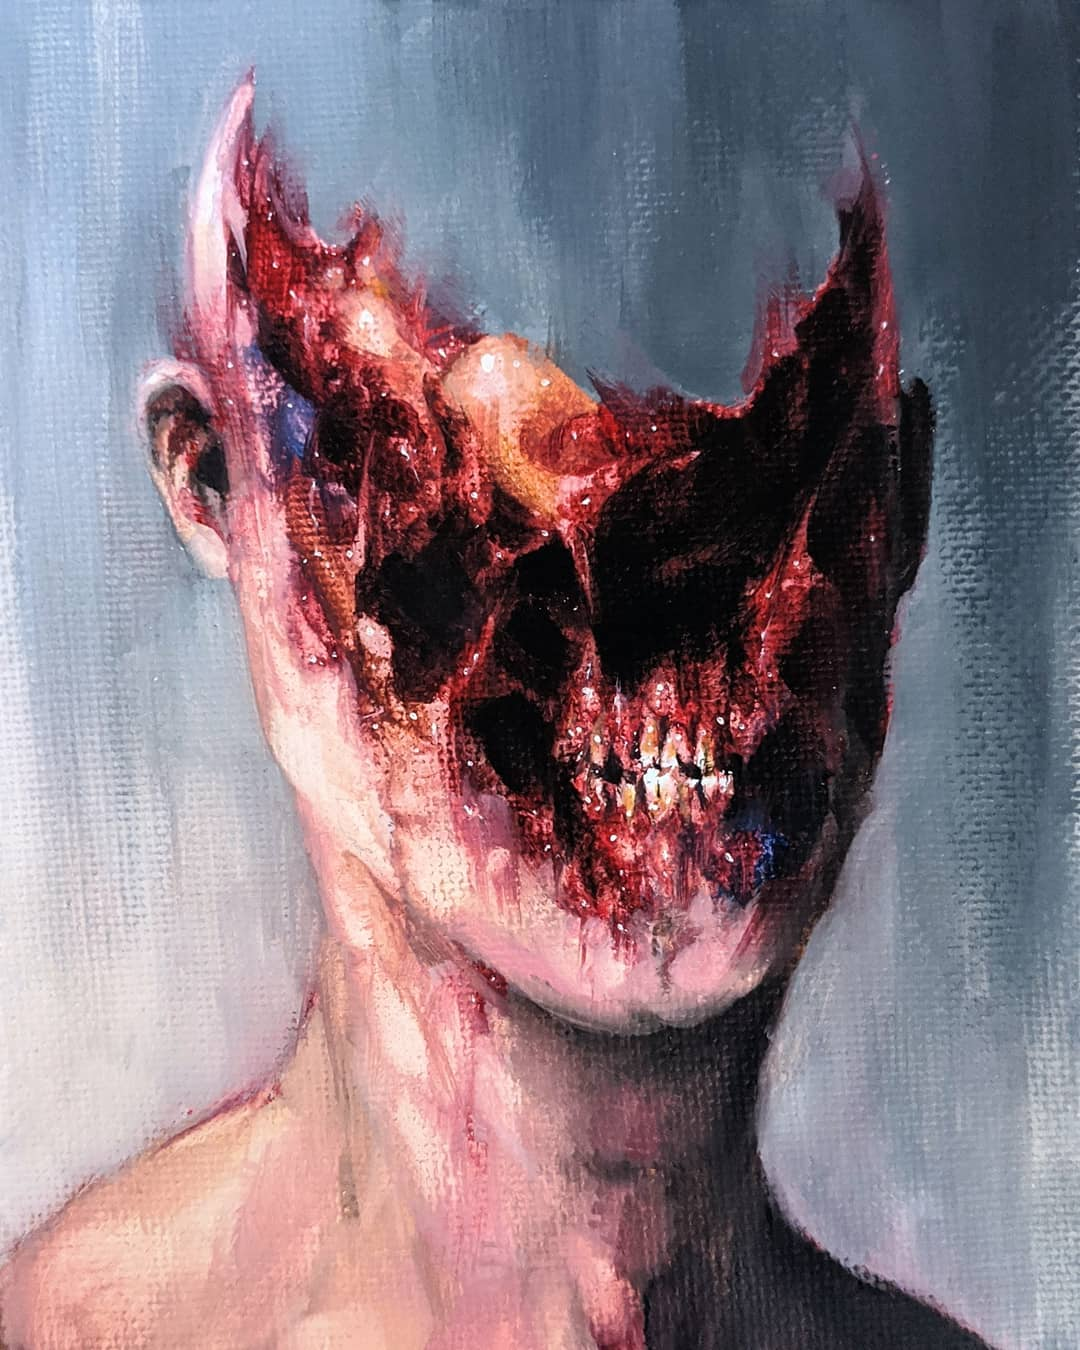 Conoce a Dusty Ray, el artista que crea bestias mutantes y surrealistas llenas de gore en gouache y acuarelas